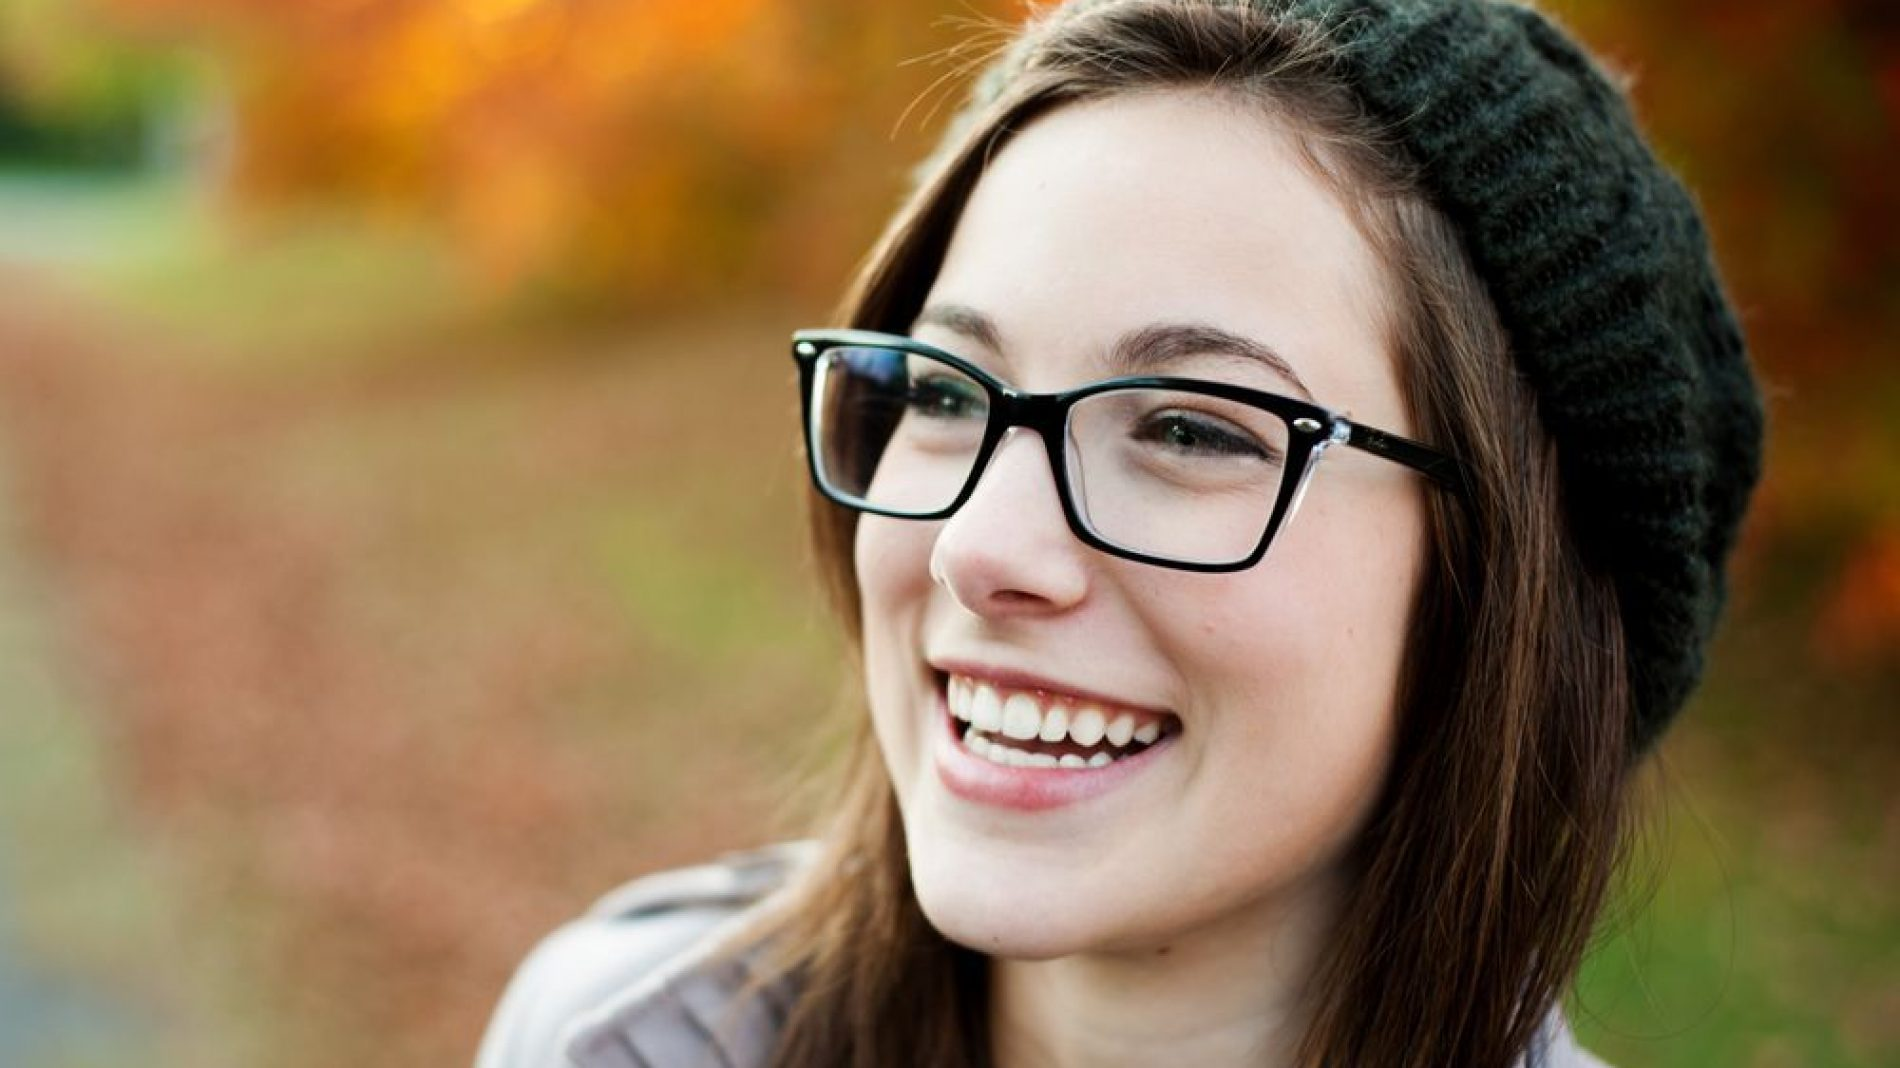 smilinggirlglasses